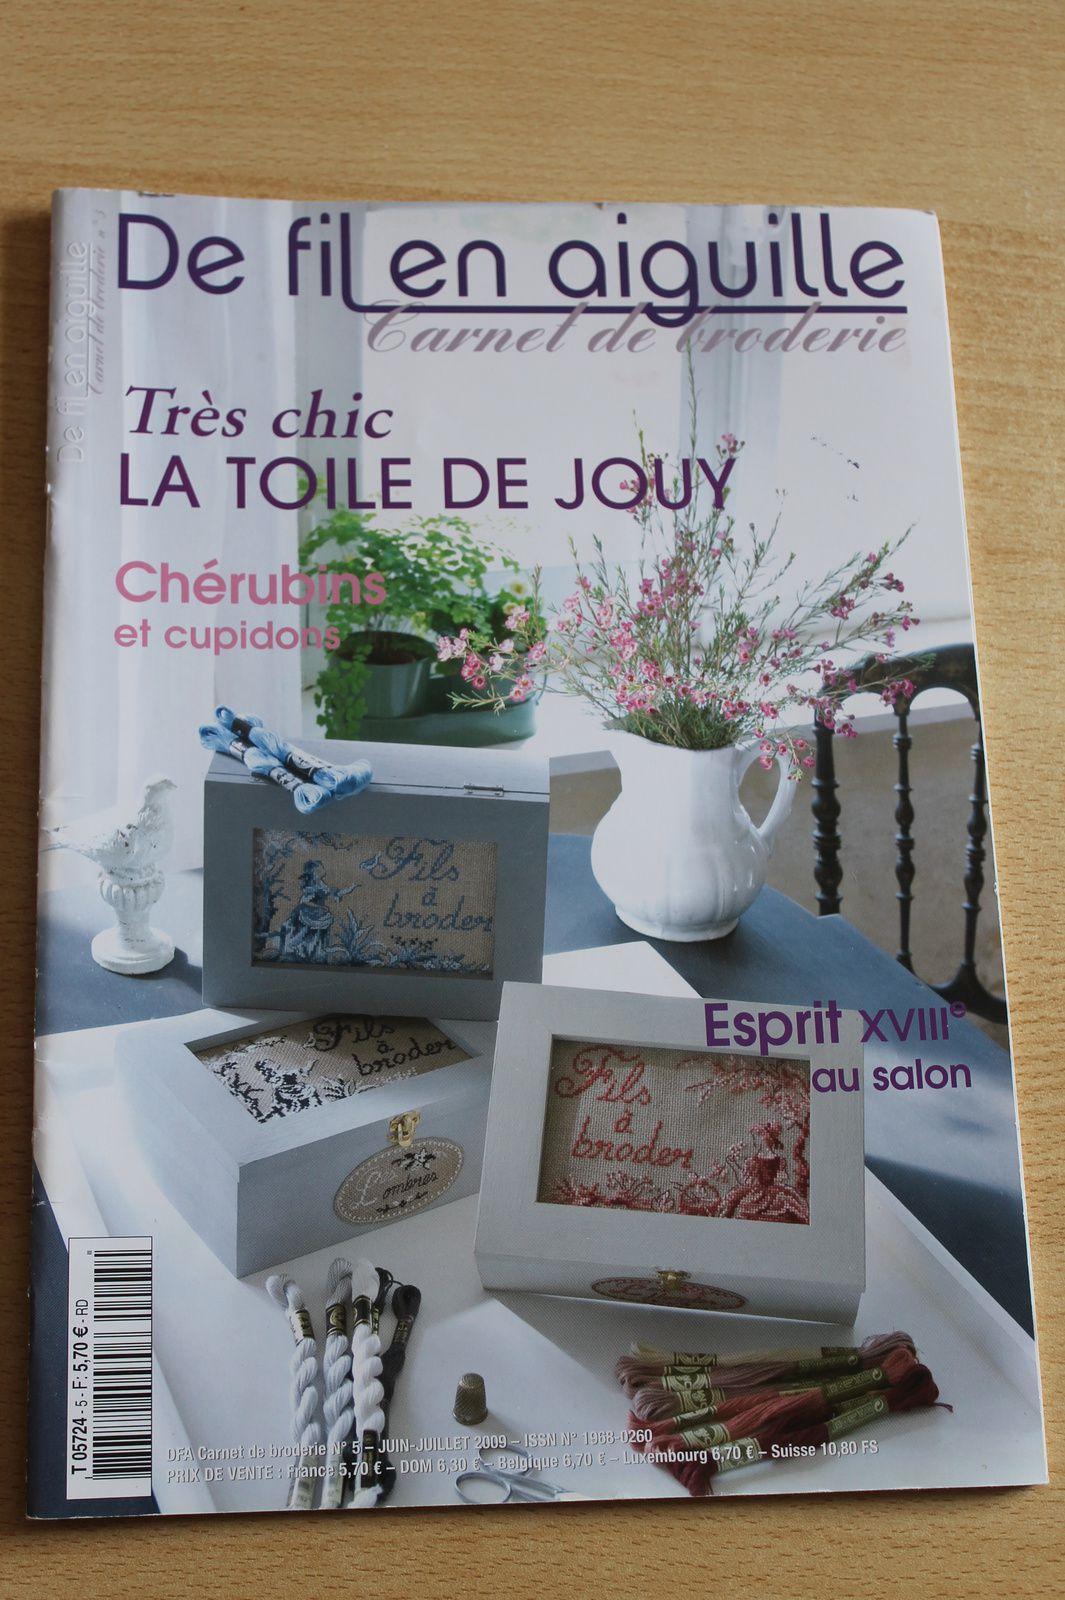 De fil en aiguille spécial Carnet de Broderie n°5 juin-juillet 2009